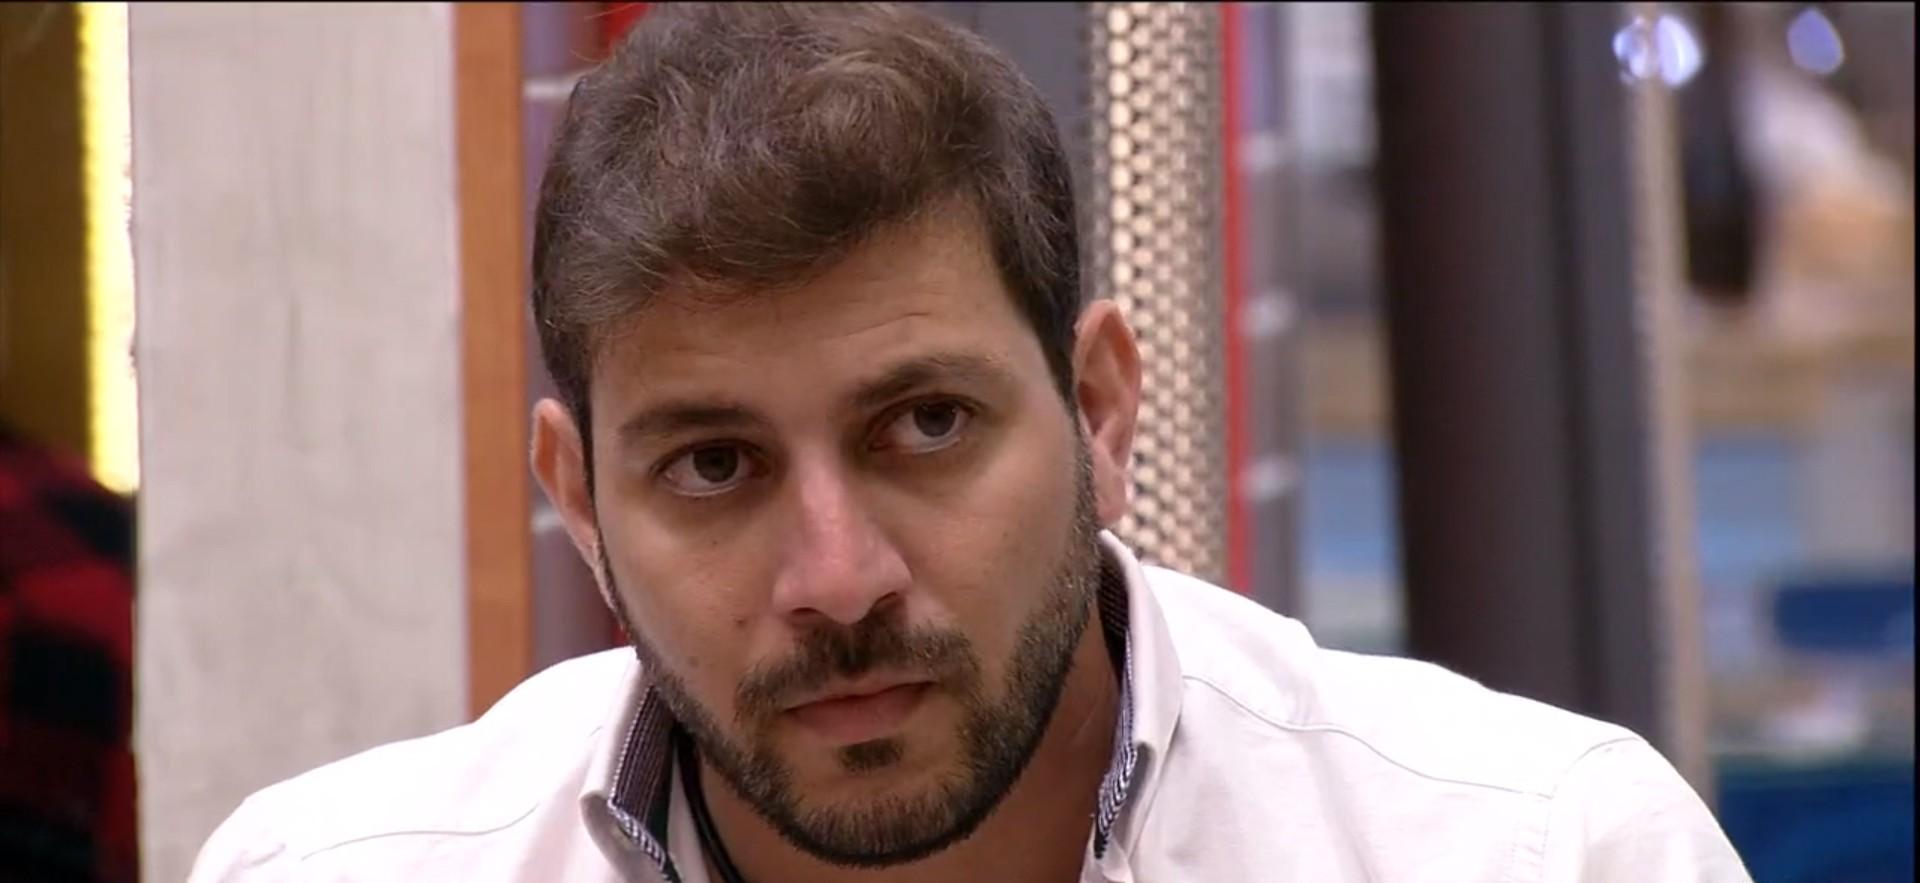 Caio é o décimo primeiro eliminado no paredão do 'BBB21', com 70,22% dos votos